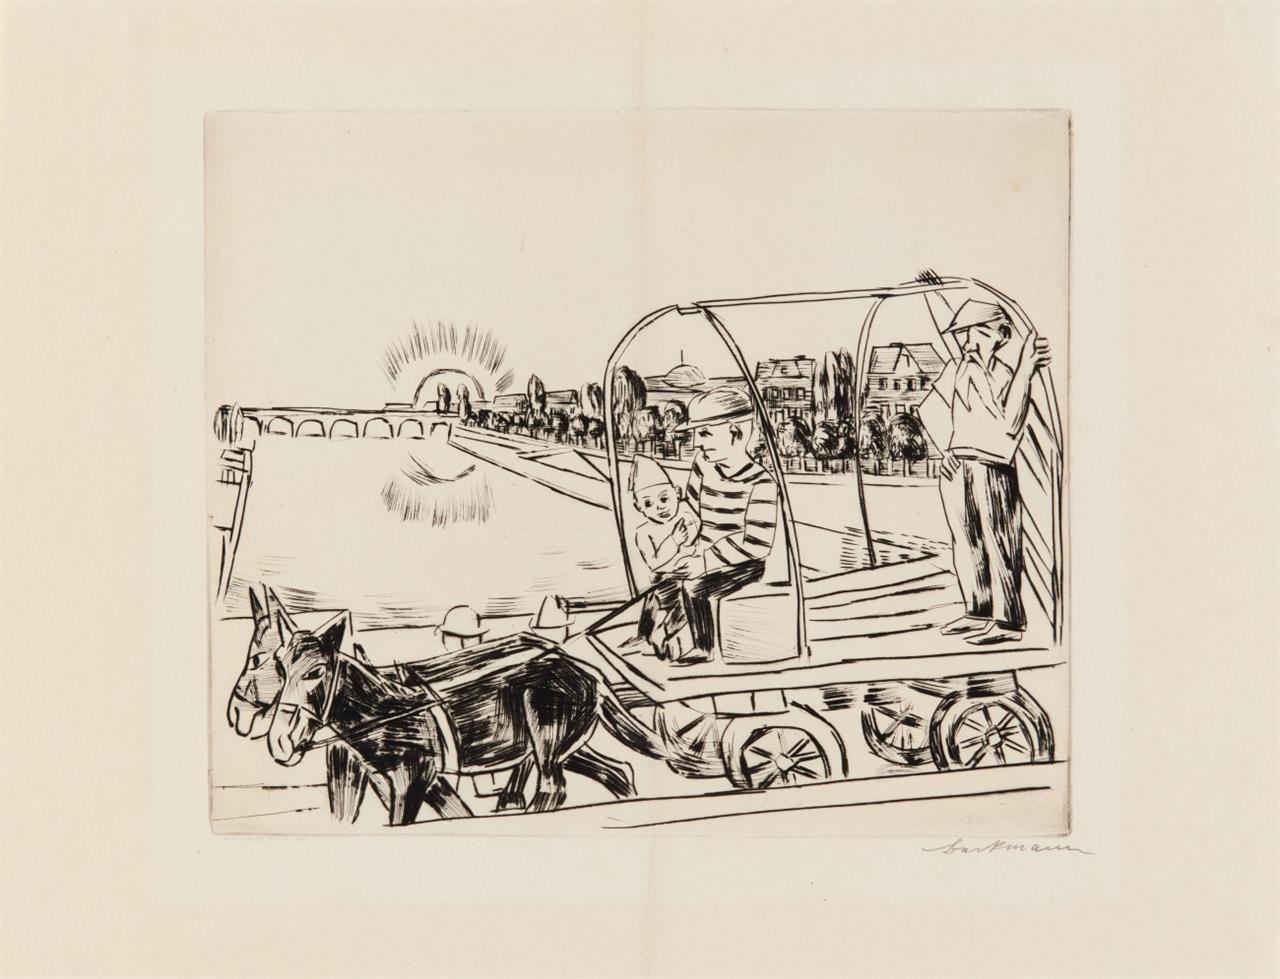 Max Beckmann. Der Morgen. 1923. Kaltnadelradierung. Signiert. Hofmaier  299 B a.